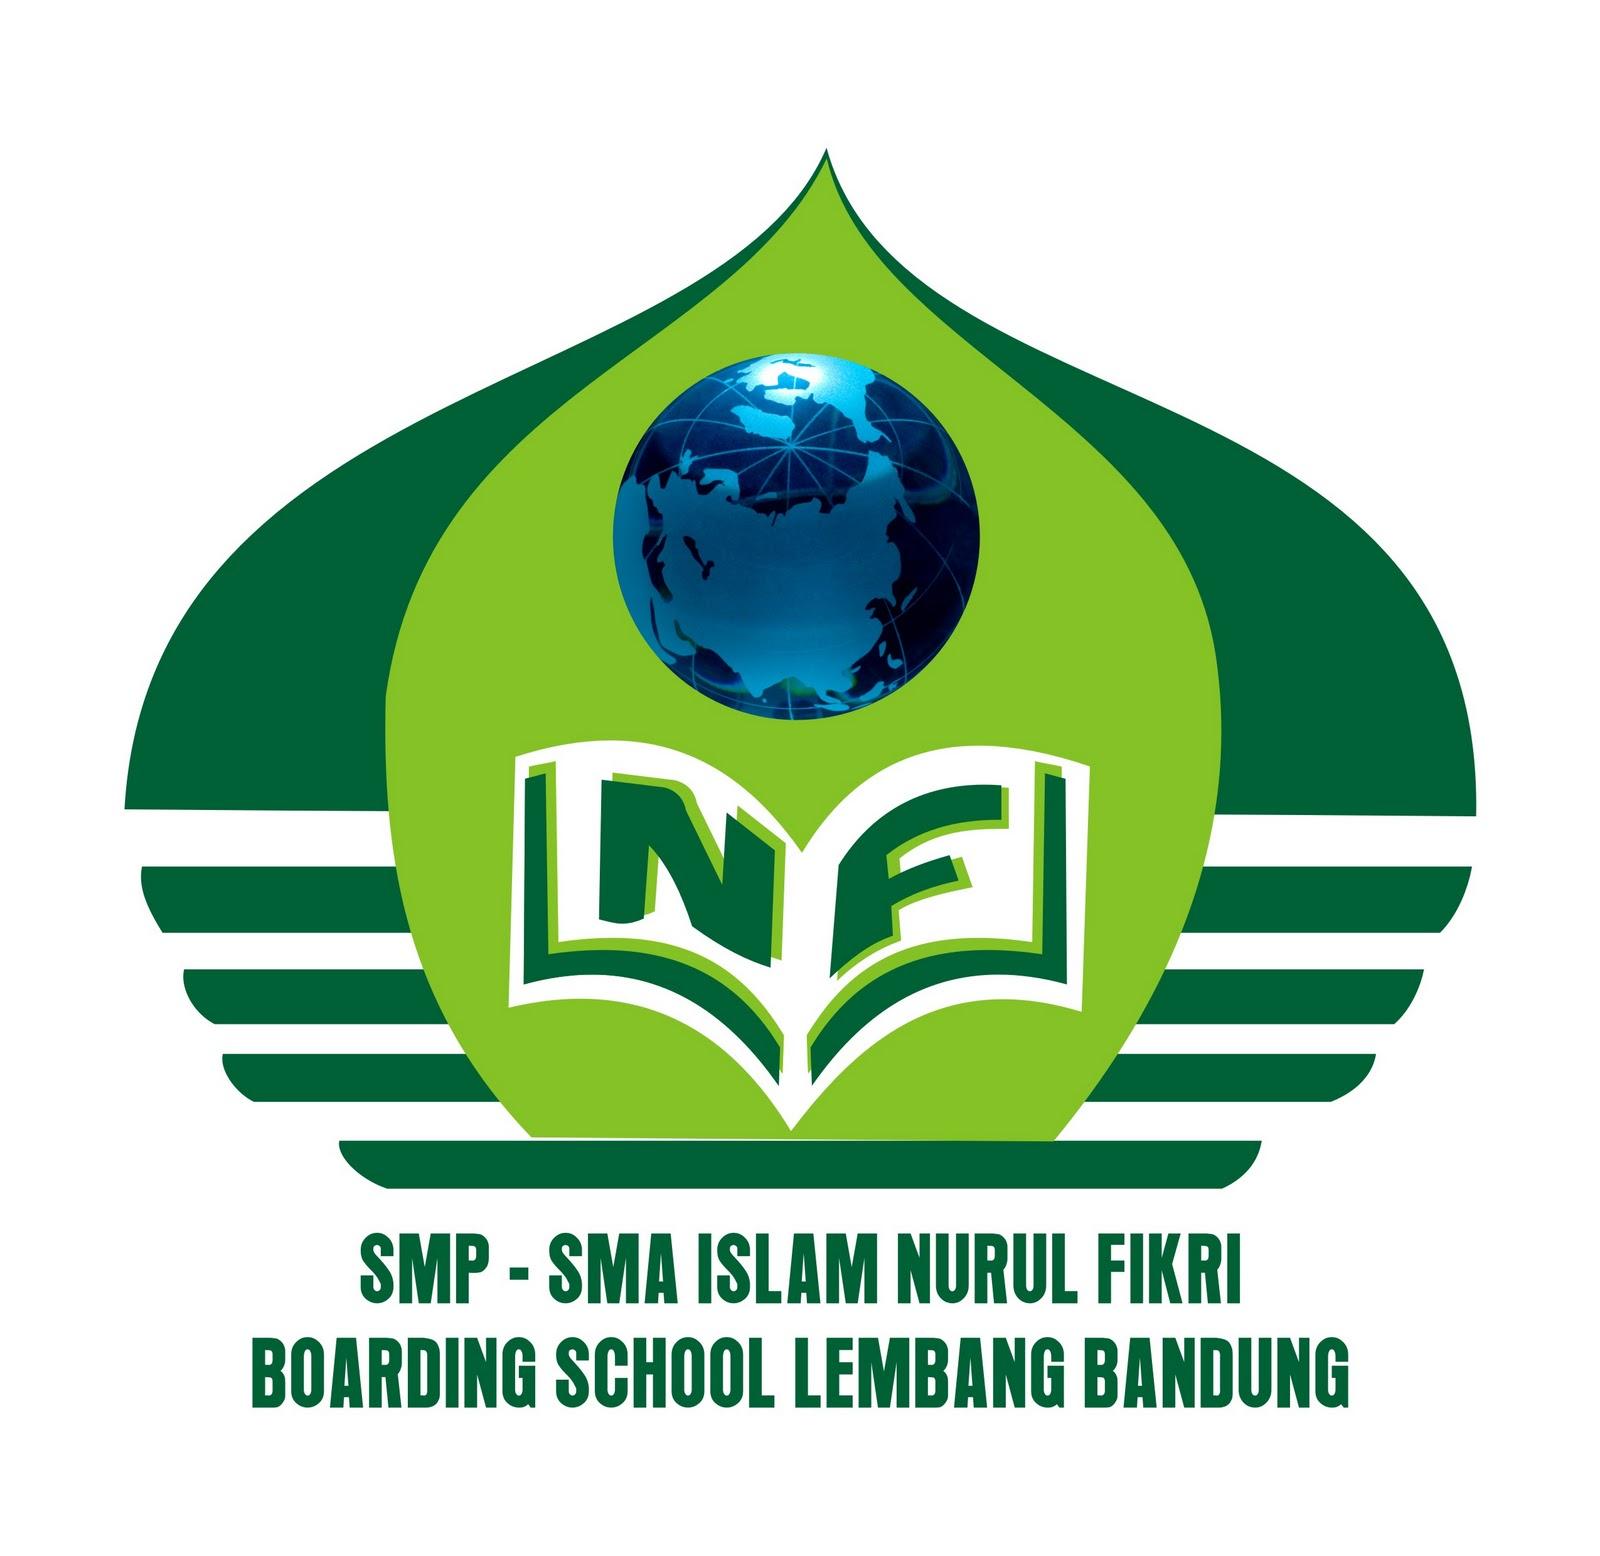 Motto Pendidikan Islam Universiti Islam Antarabangsa Malaysia Ranking Review Smp Sma Islam Nurul Fikri Lembang Bandung Cumi Kriting